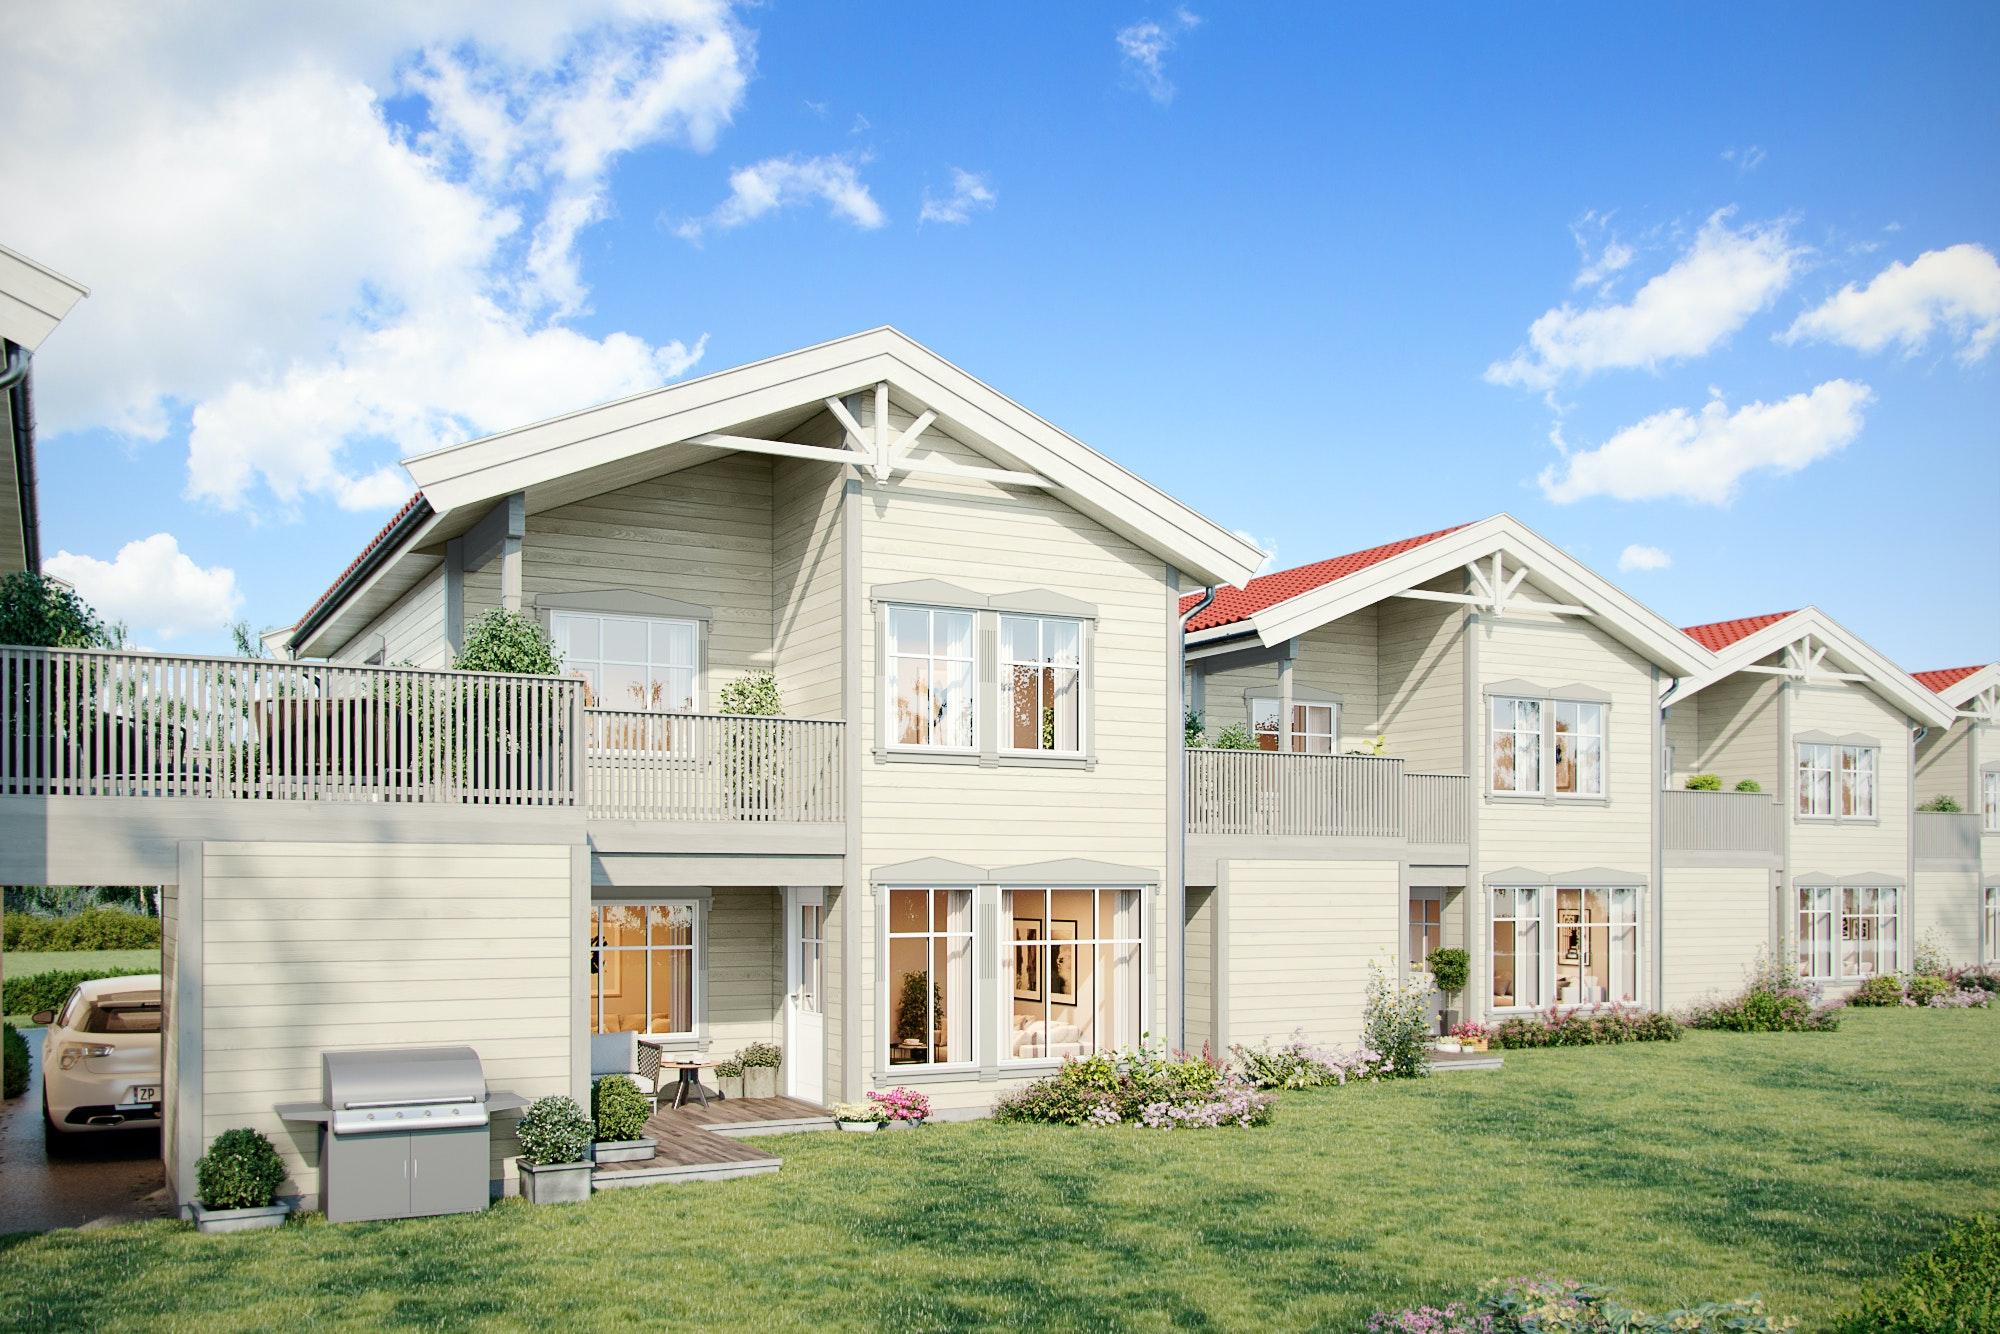 Nøkkelferdig! Planlagt kjedet enebolig med 3/4 sov, gode solforhold og stor terrasse.